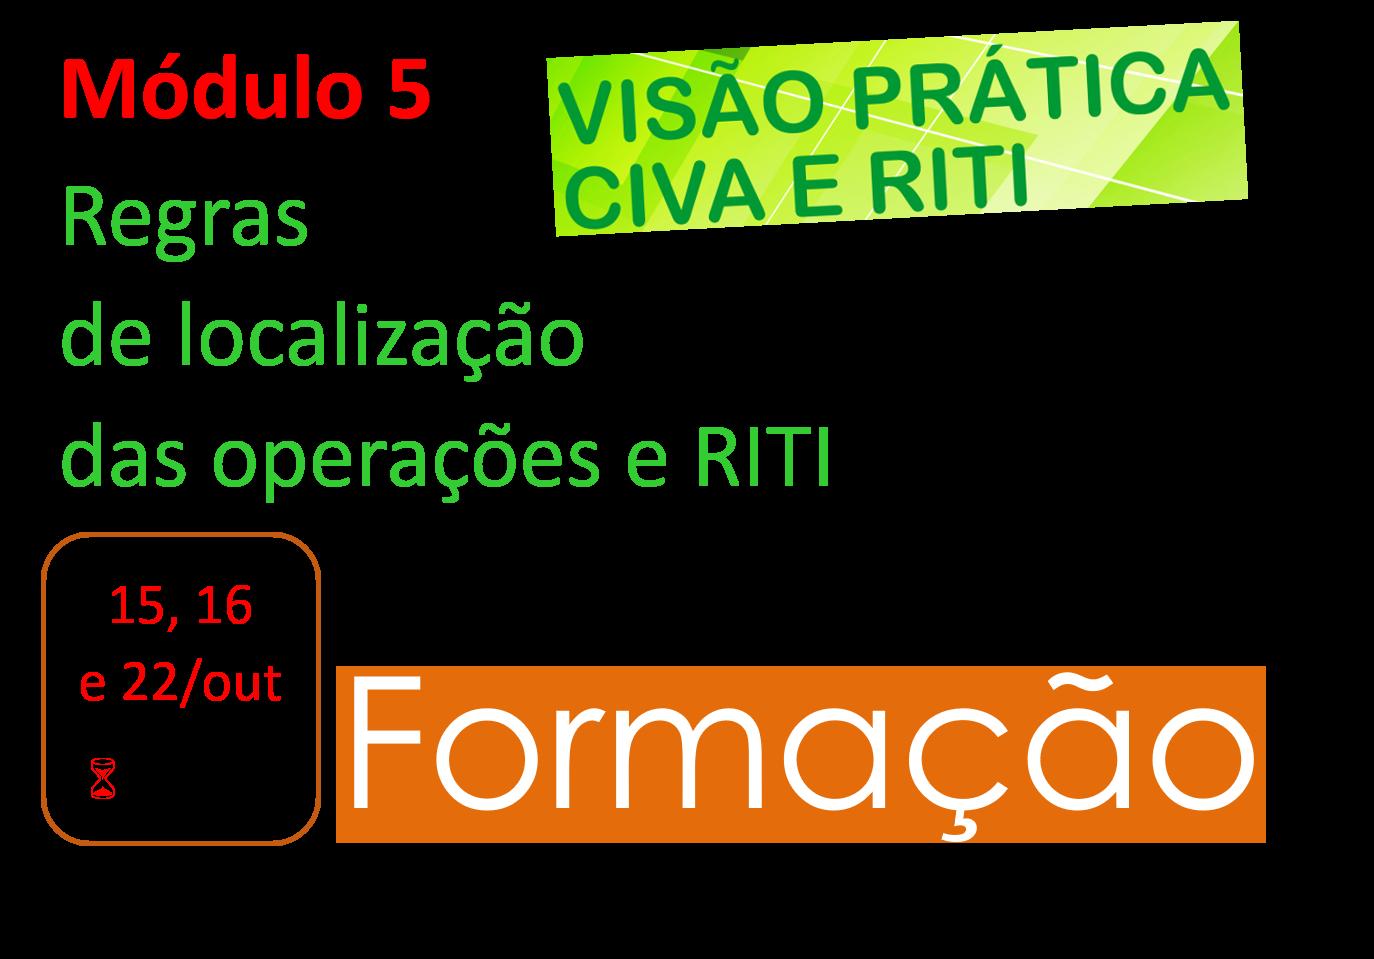 CIVA & RITI    Módulo 5 – Regras de localização das operações e RITI